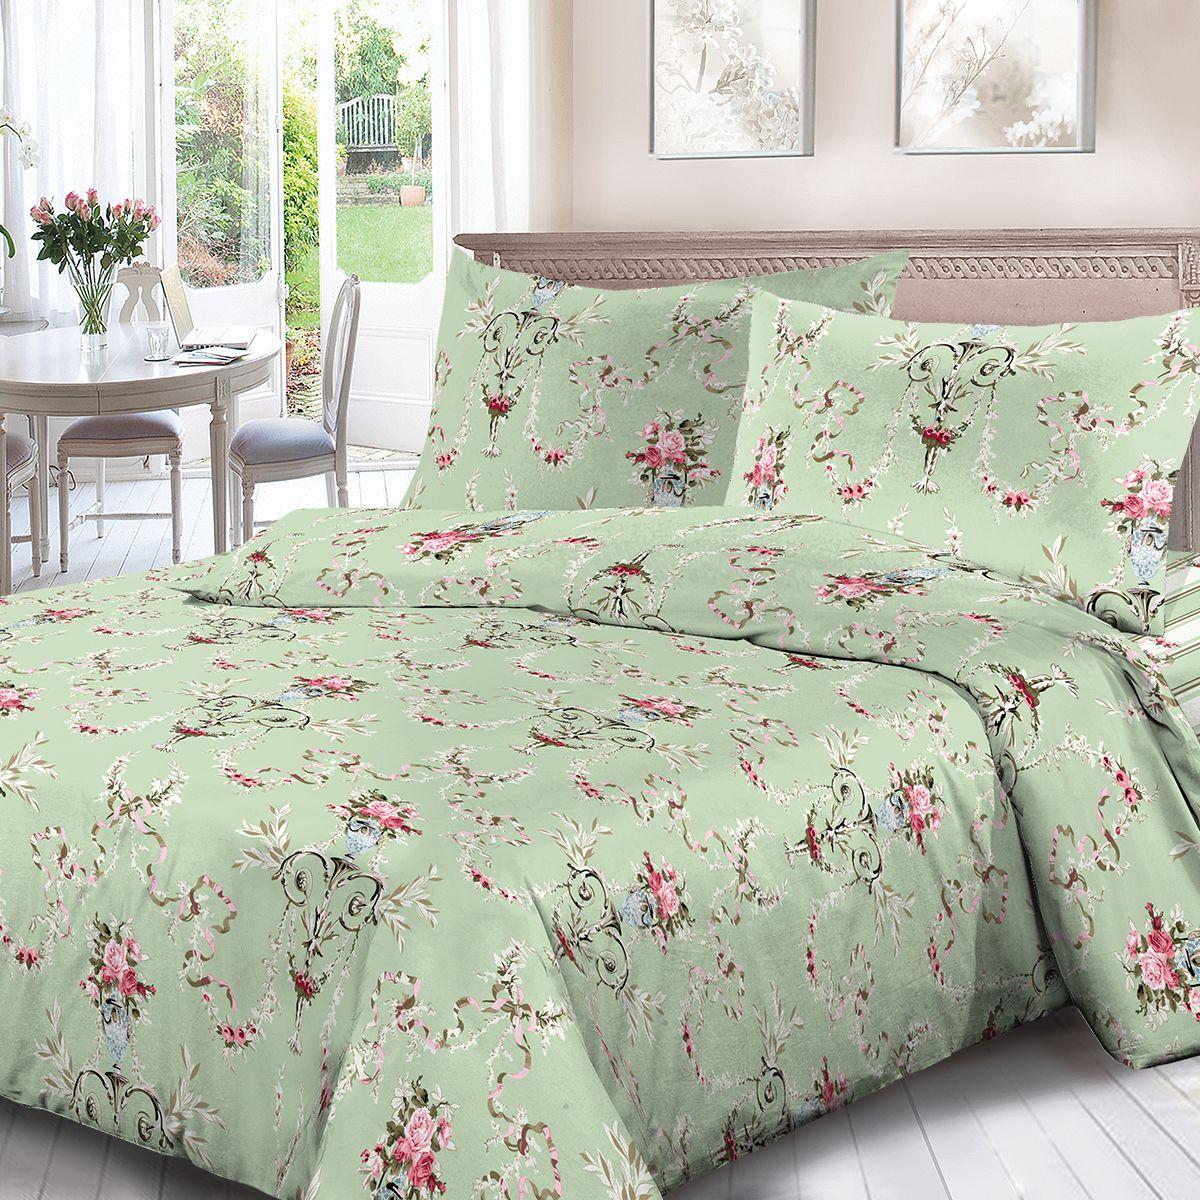 Комплект белья Для Снов Катарина, 1,5 спальное, наволочки 70x70, цвет: зеленый. 1841-286448